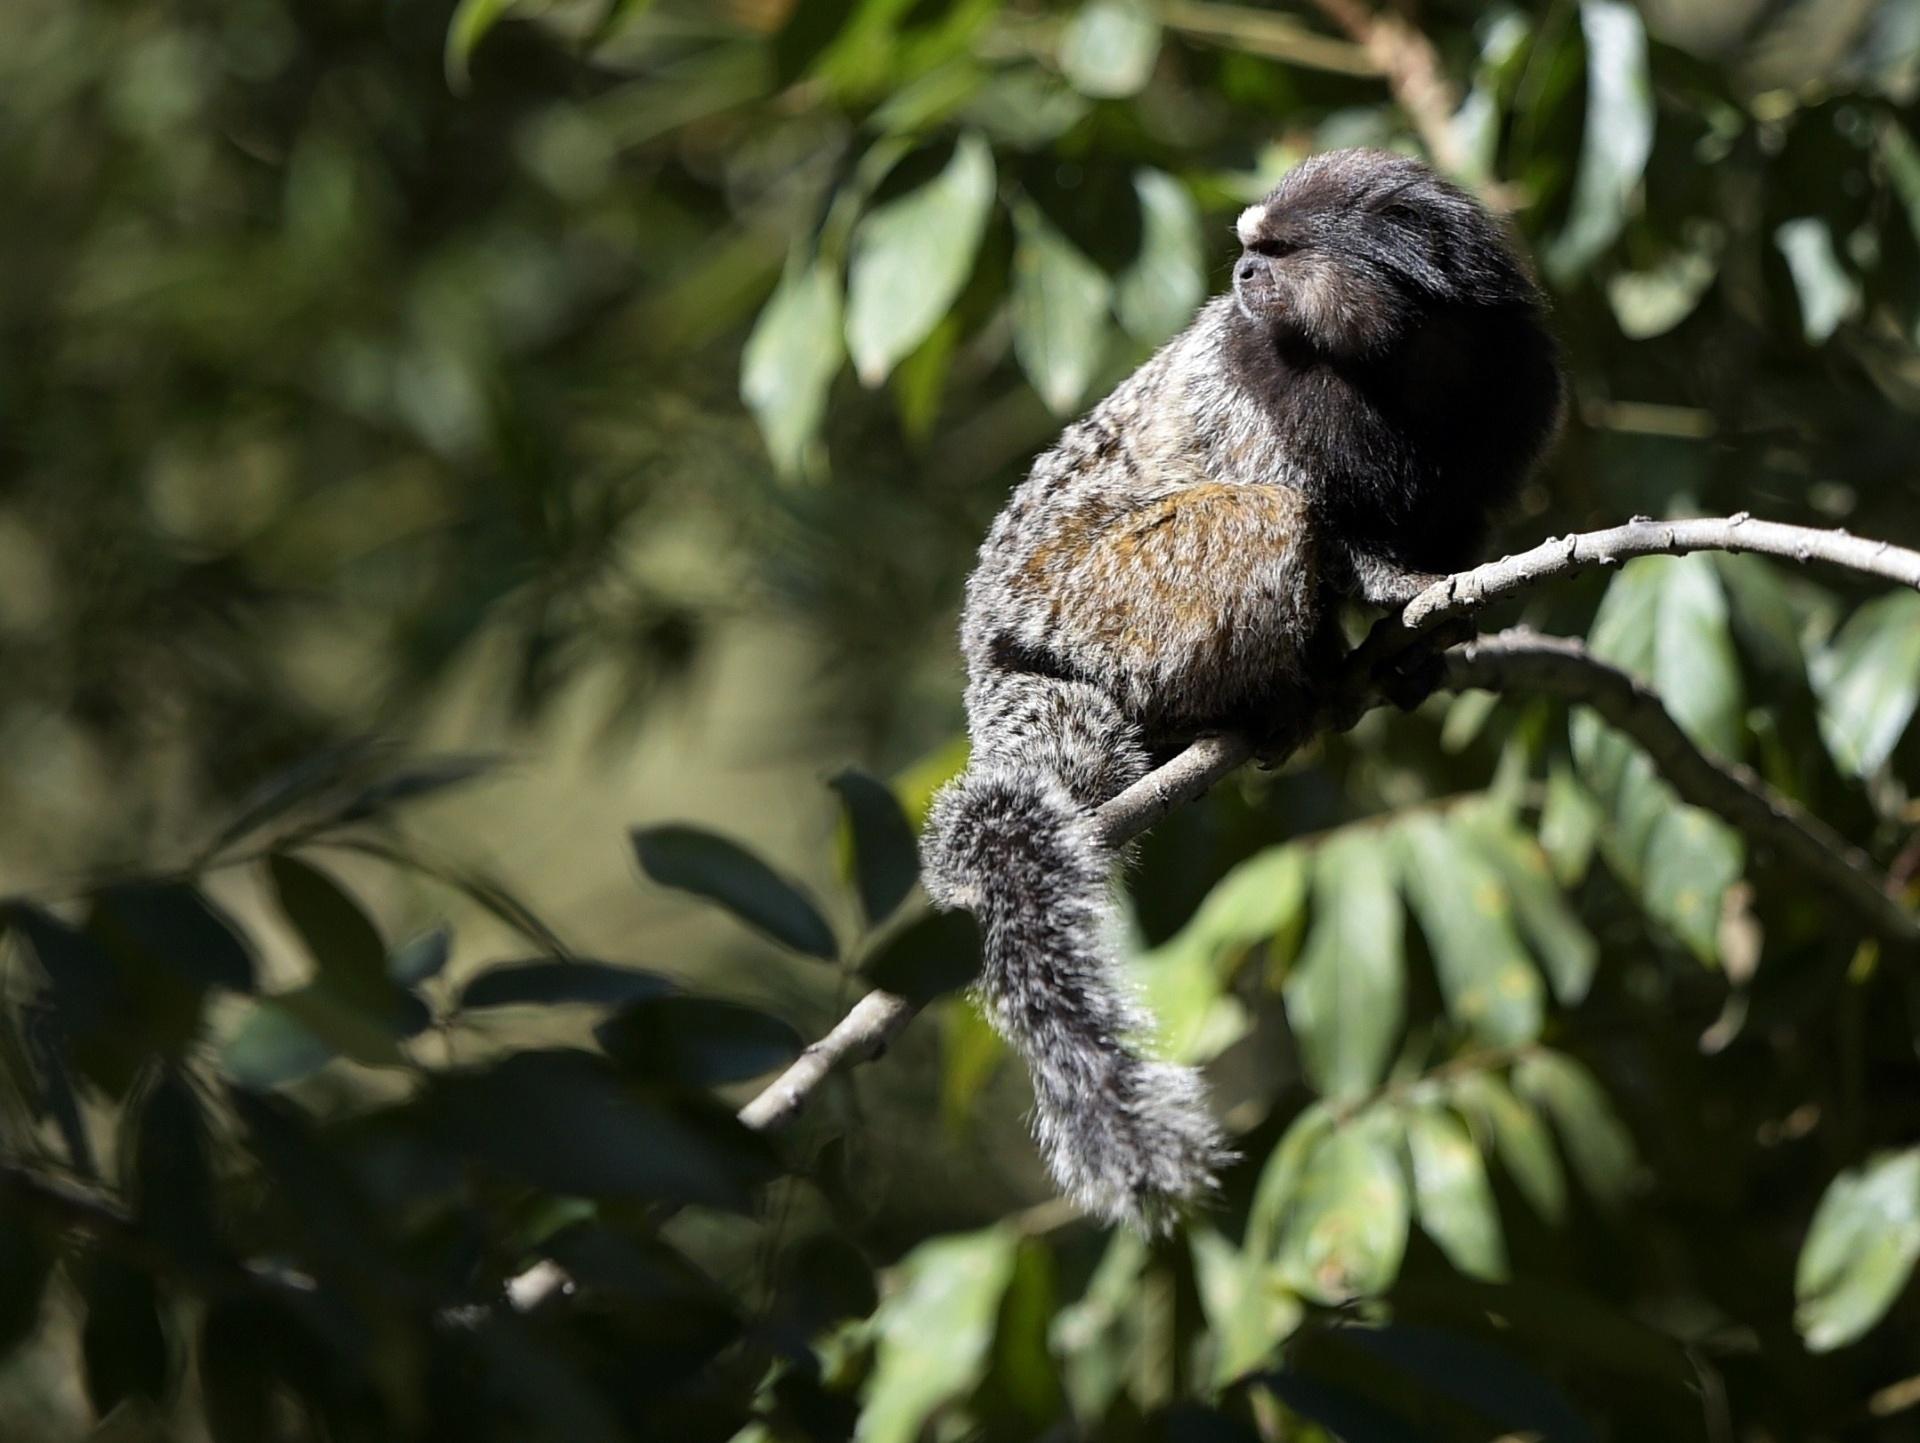 Pequenos macacos são os visitantes ilustres nos treinos da seleção da Argentina, na Cidade do Galo, em Belo Horizonte